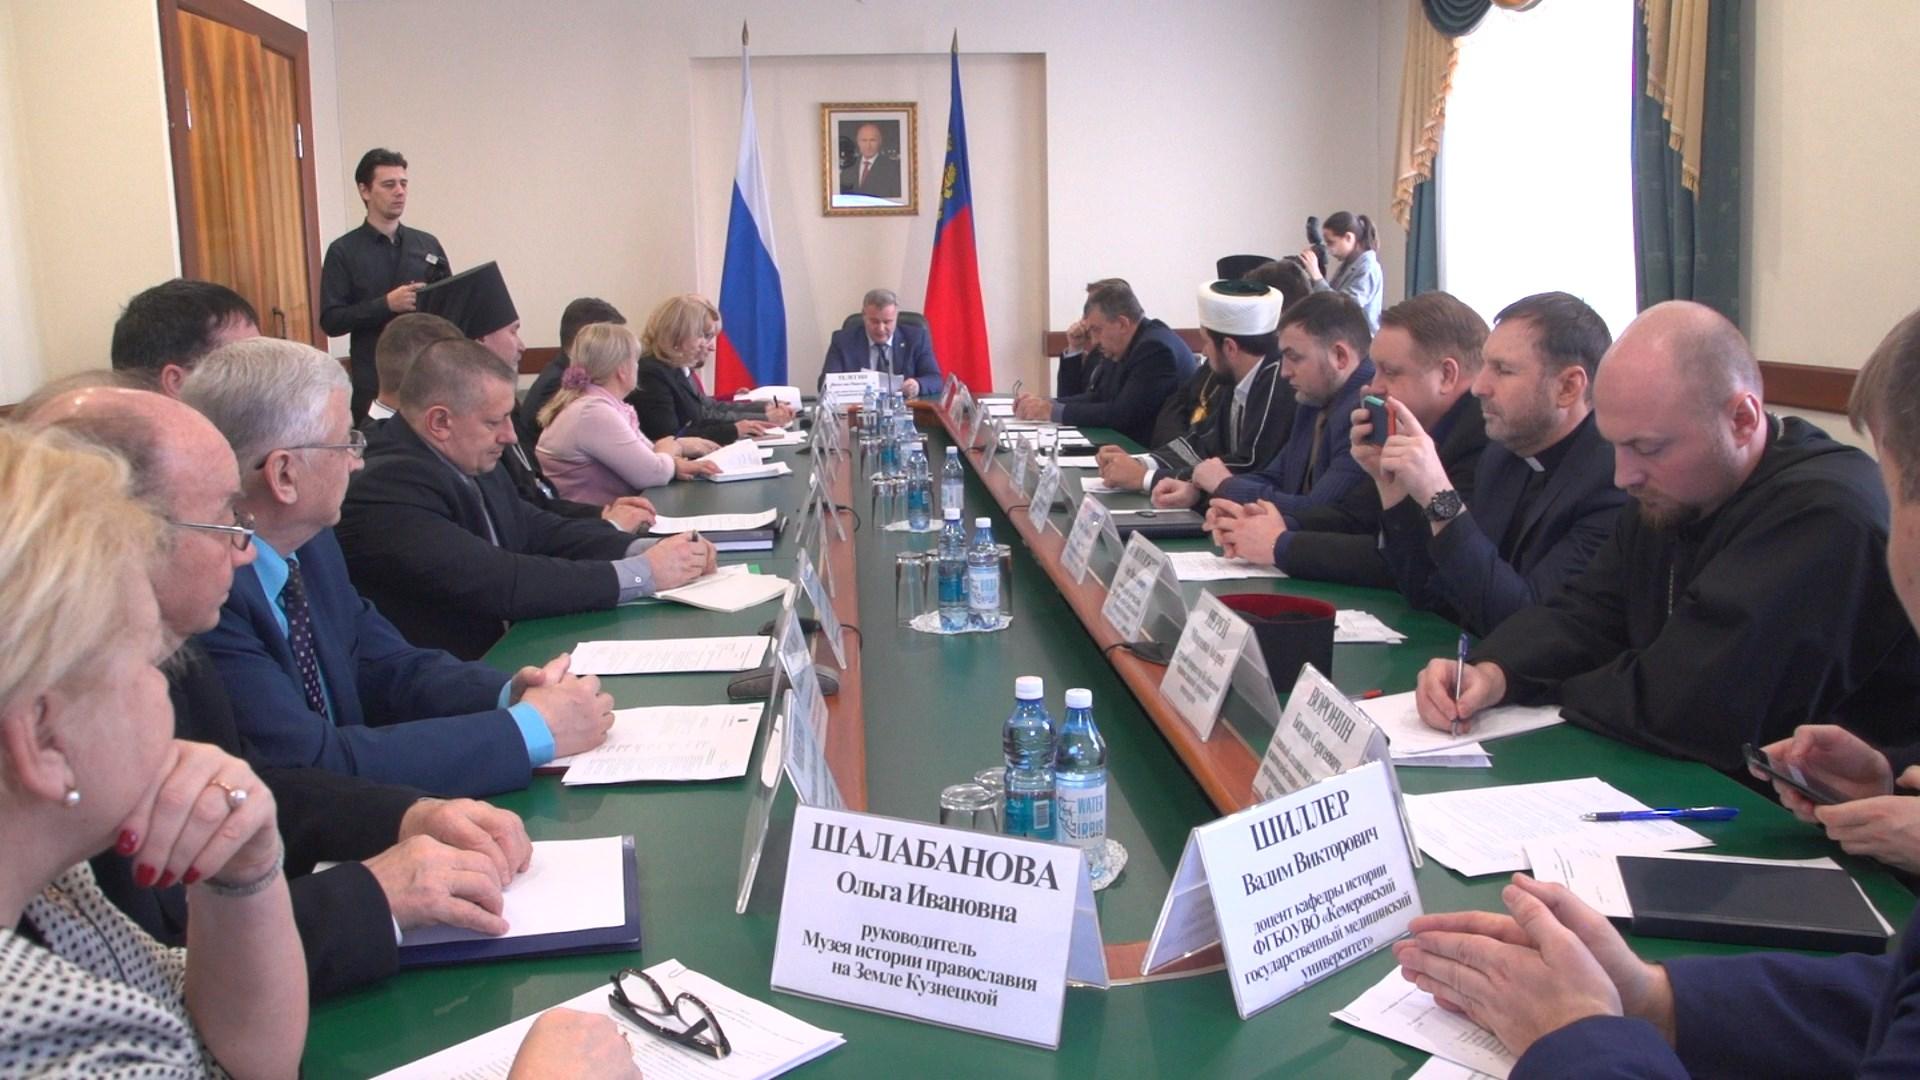 В Кемерове состоялось первое заседание межконфессионального совета при губернаторе области